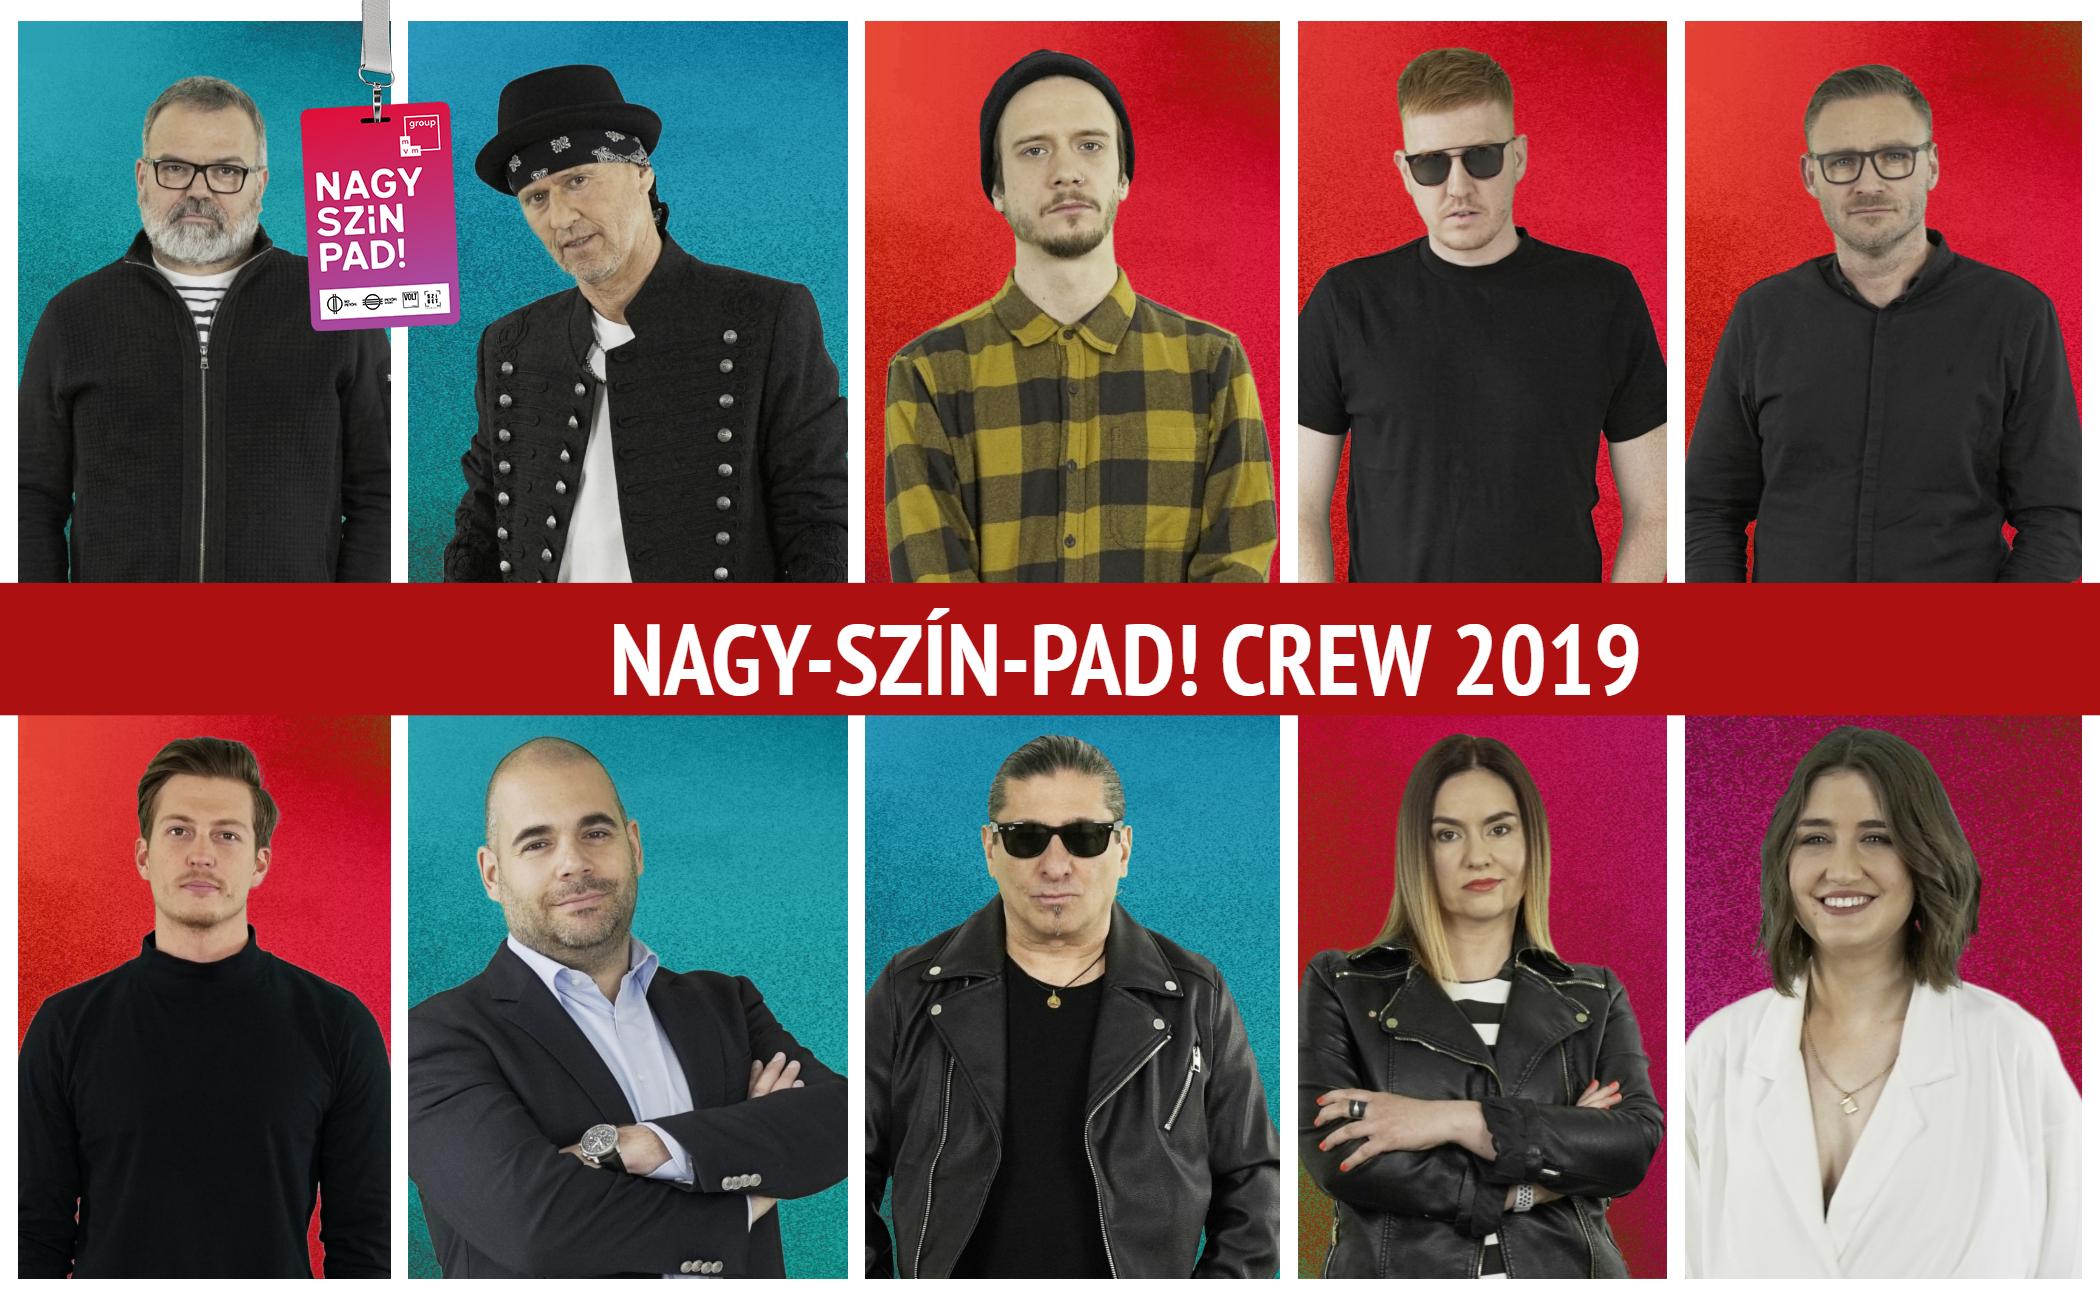 nagyszinpad-crew.png